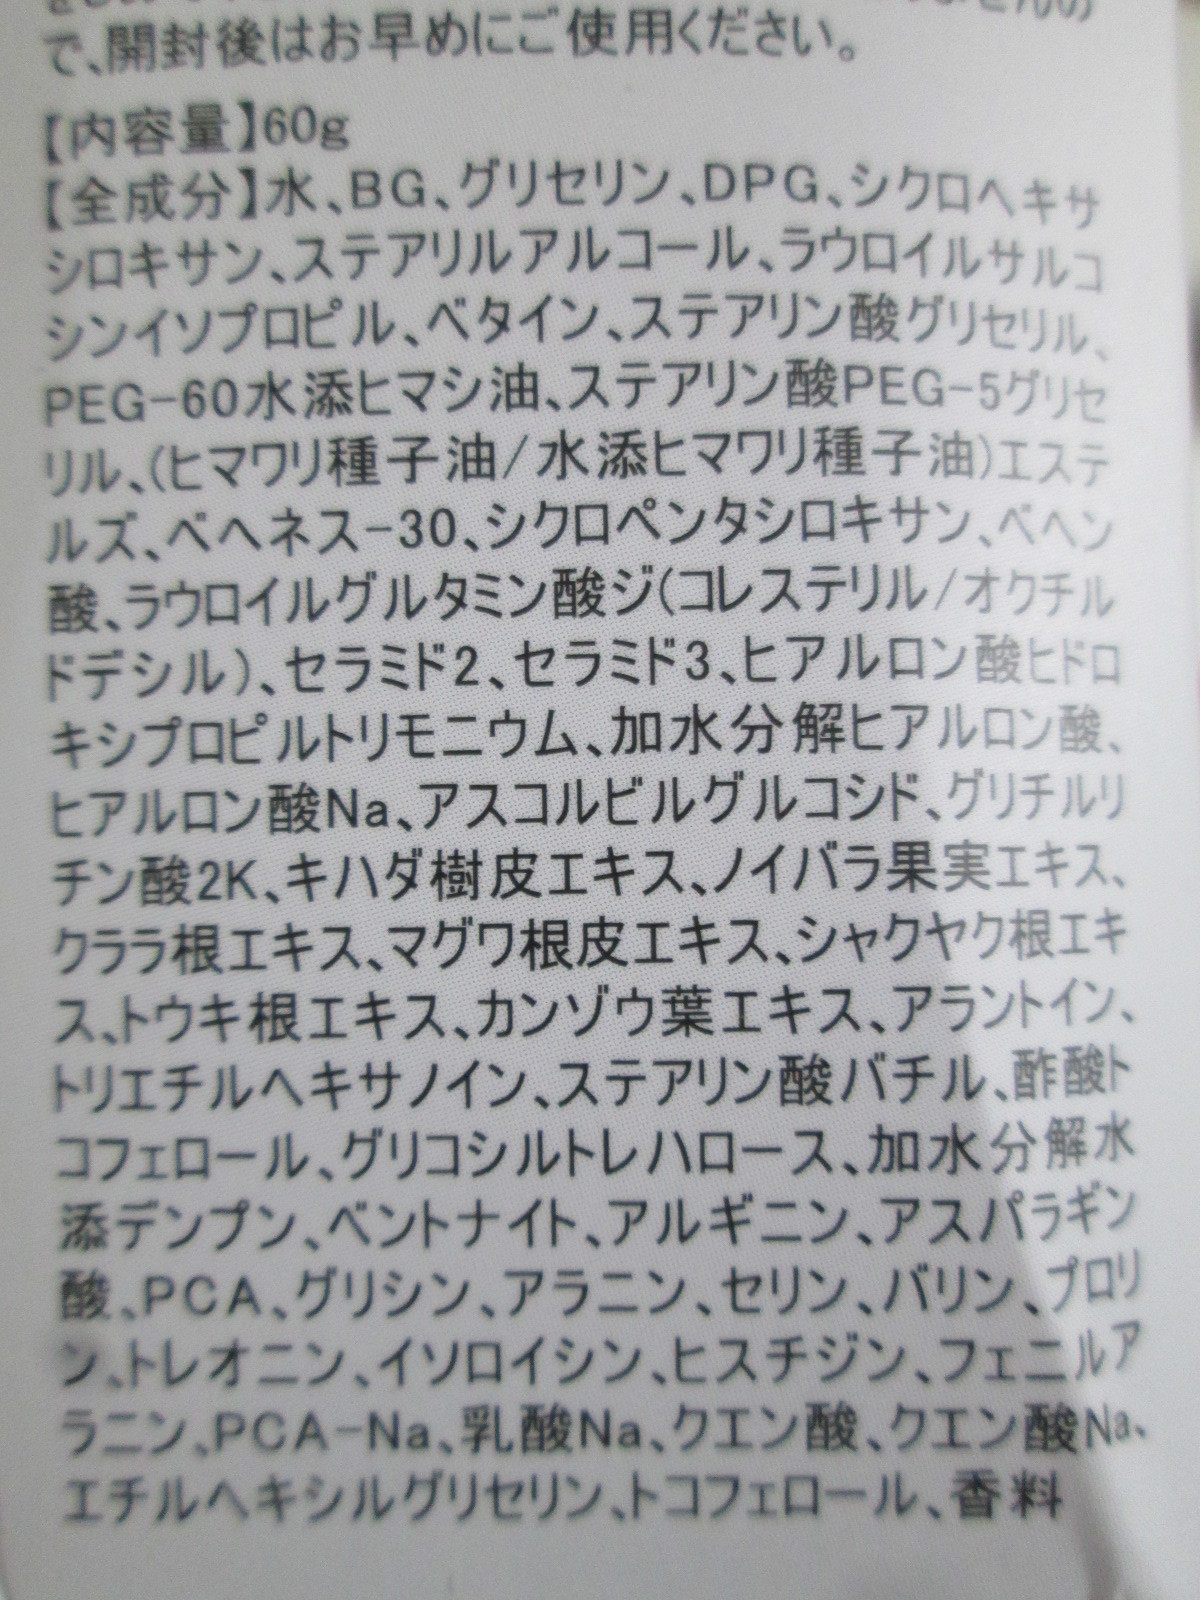 IMG_4190Robusa (1)